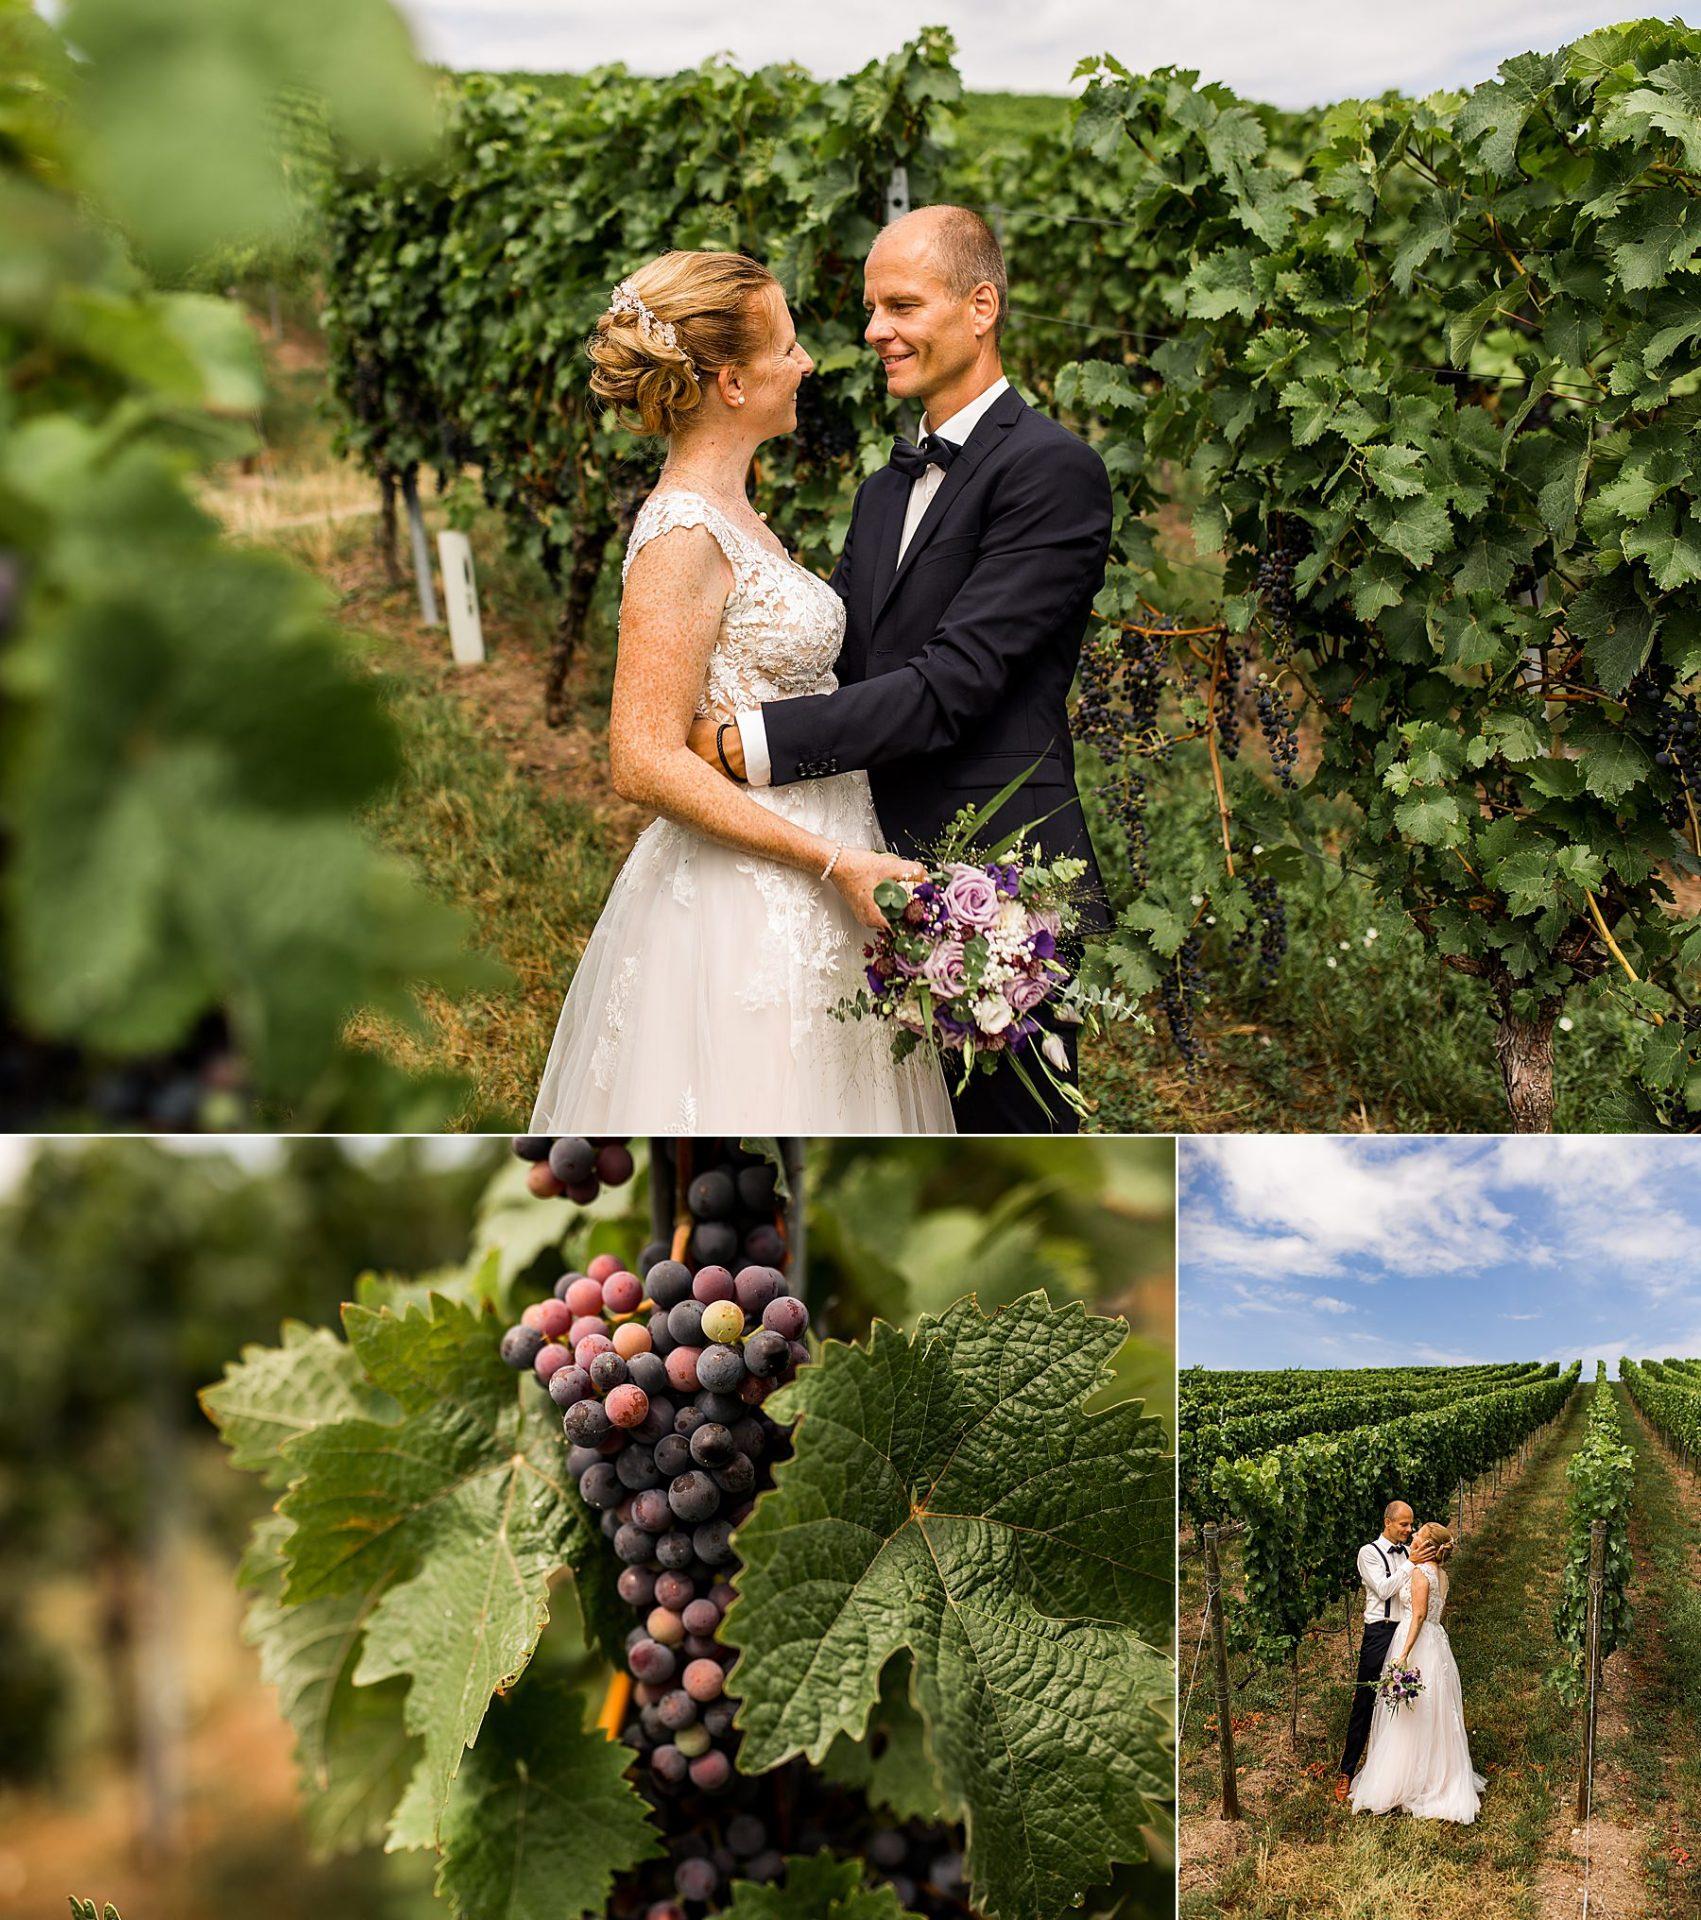 Hochzeitsfotograf Daniela Knipper in heilbronn in den Weinbergen